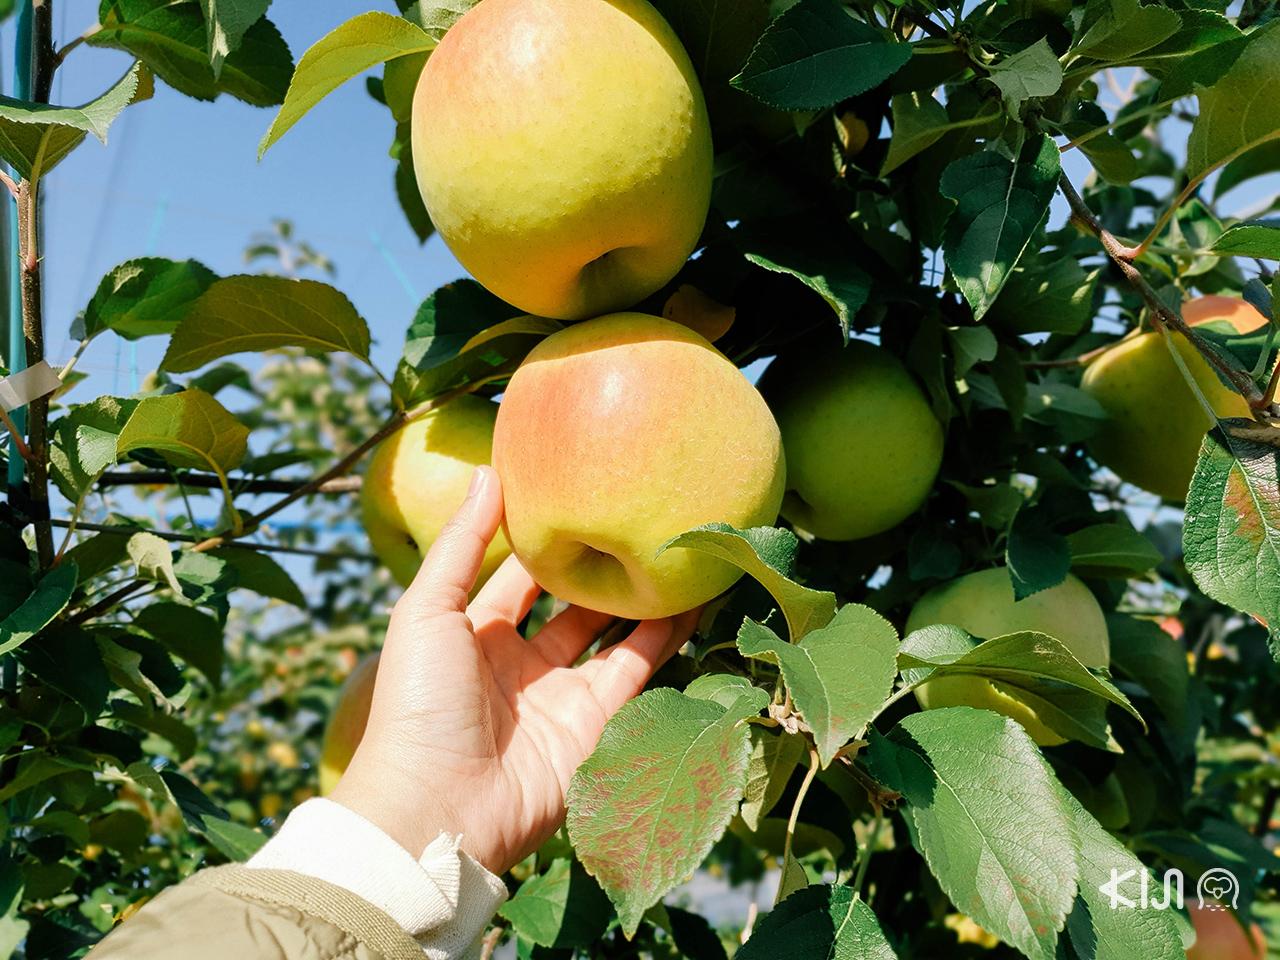 ทริปฤดู ใบไม้เปลี่ยนสี ใน โทโฮคุ : Sendai City Agriculture & Horticulture Center